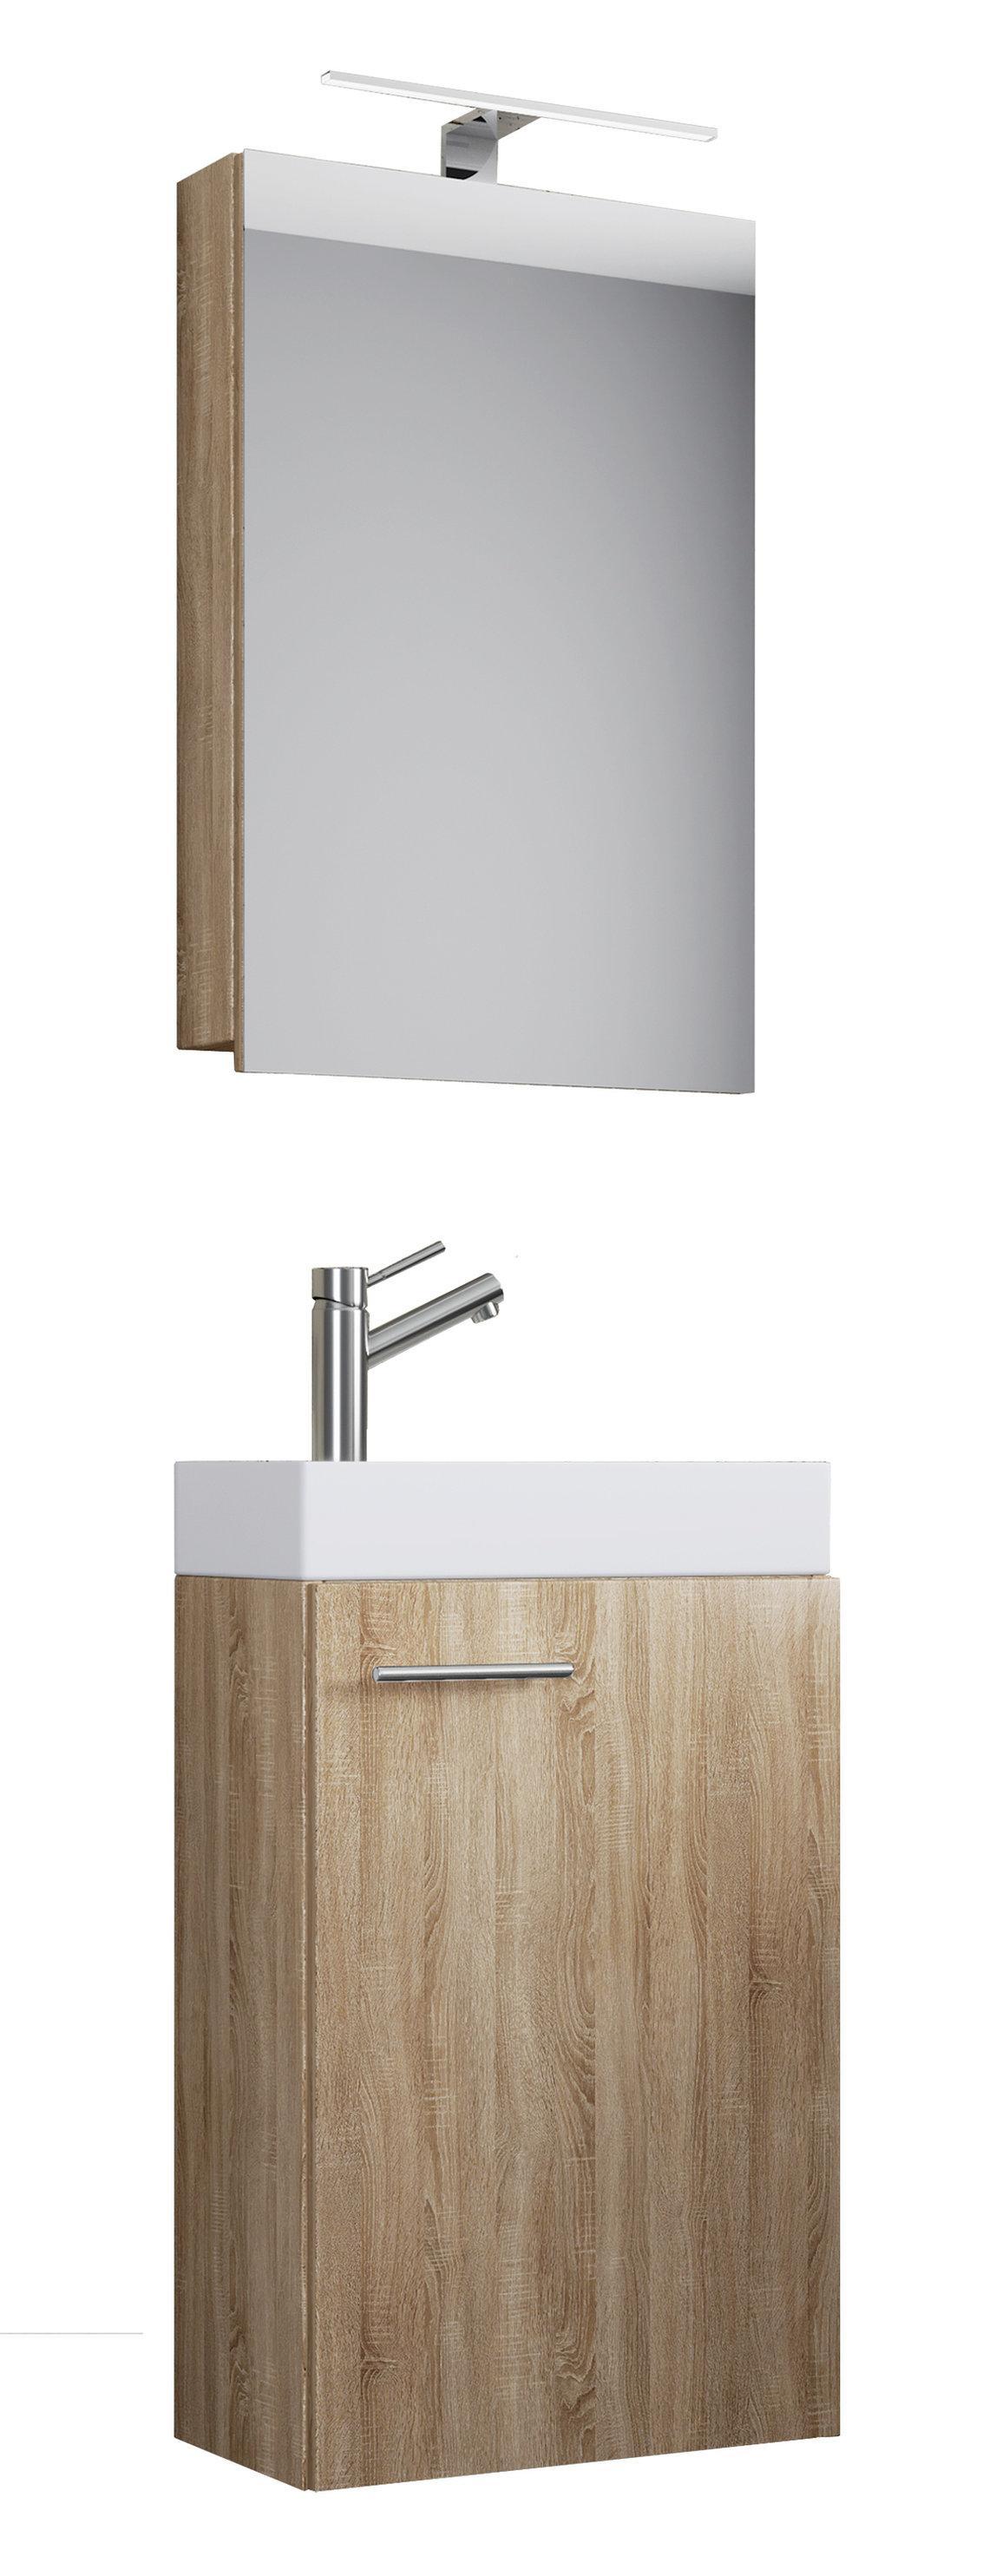 Spiegelschrank Klein Holz